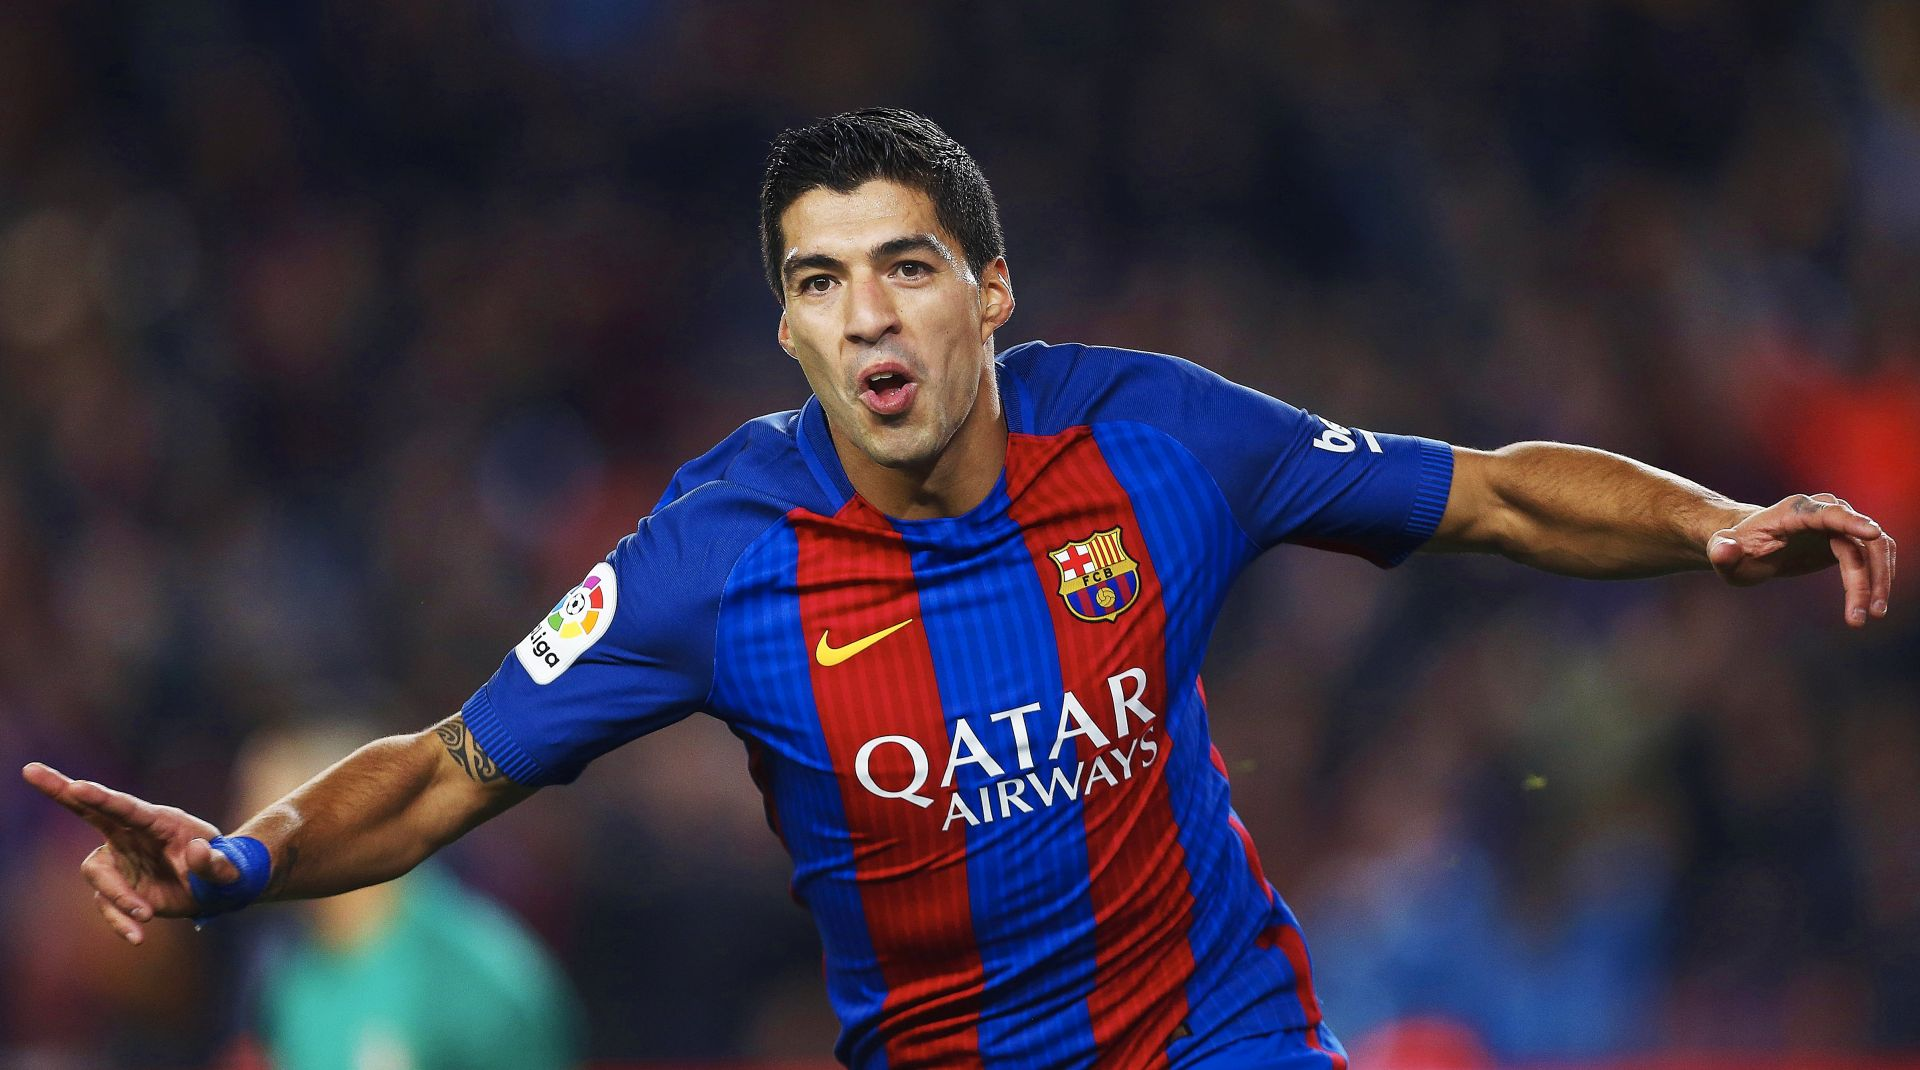 LUIS SUAREZ 'Ako u svijetu postoji momčad koje može nadoknaditi 0-4, onda je to sigurno Barca'